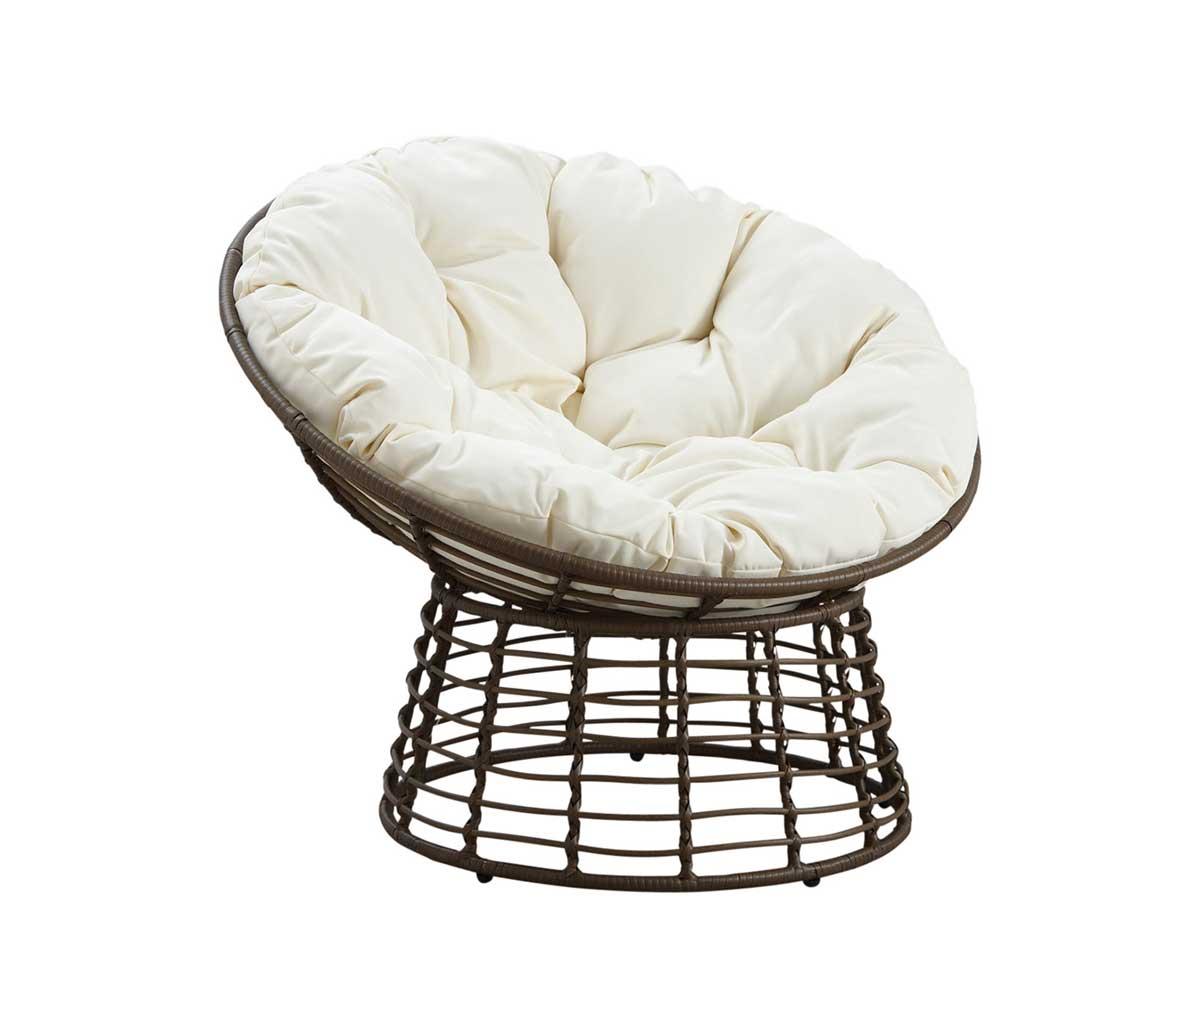 loveuse de jardin en r sine belle et ronde. Black Bedroom Furniture Sets. Home Design Ideas